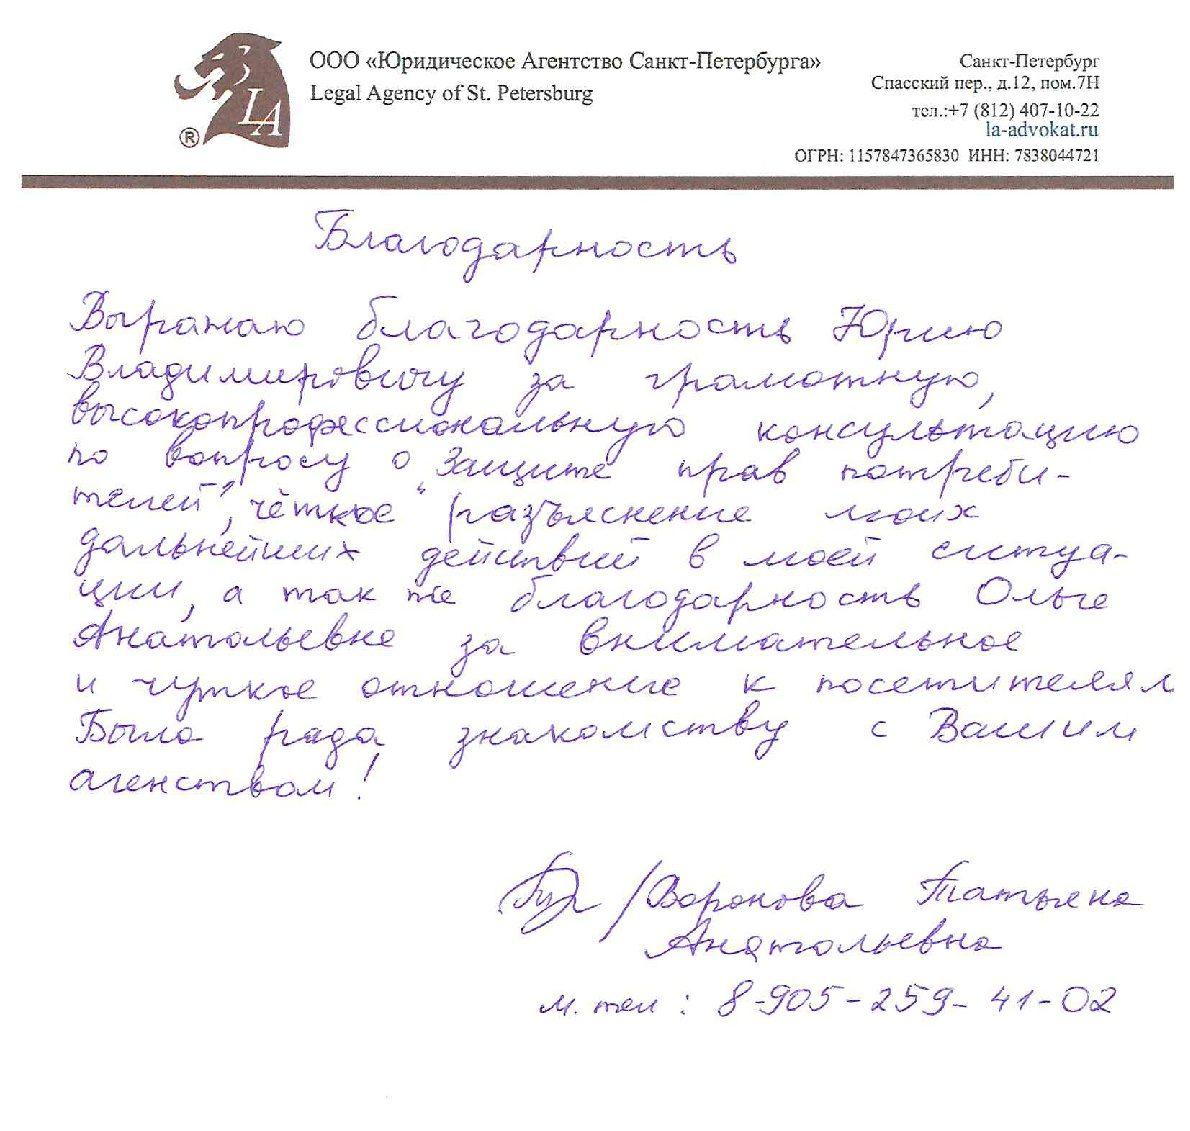 Благодарность от клиентки Вороновой Татьяны Анатольевны